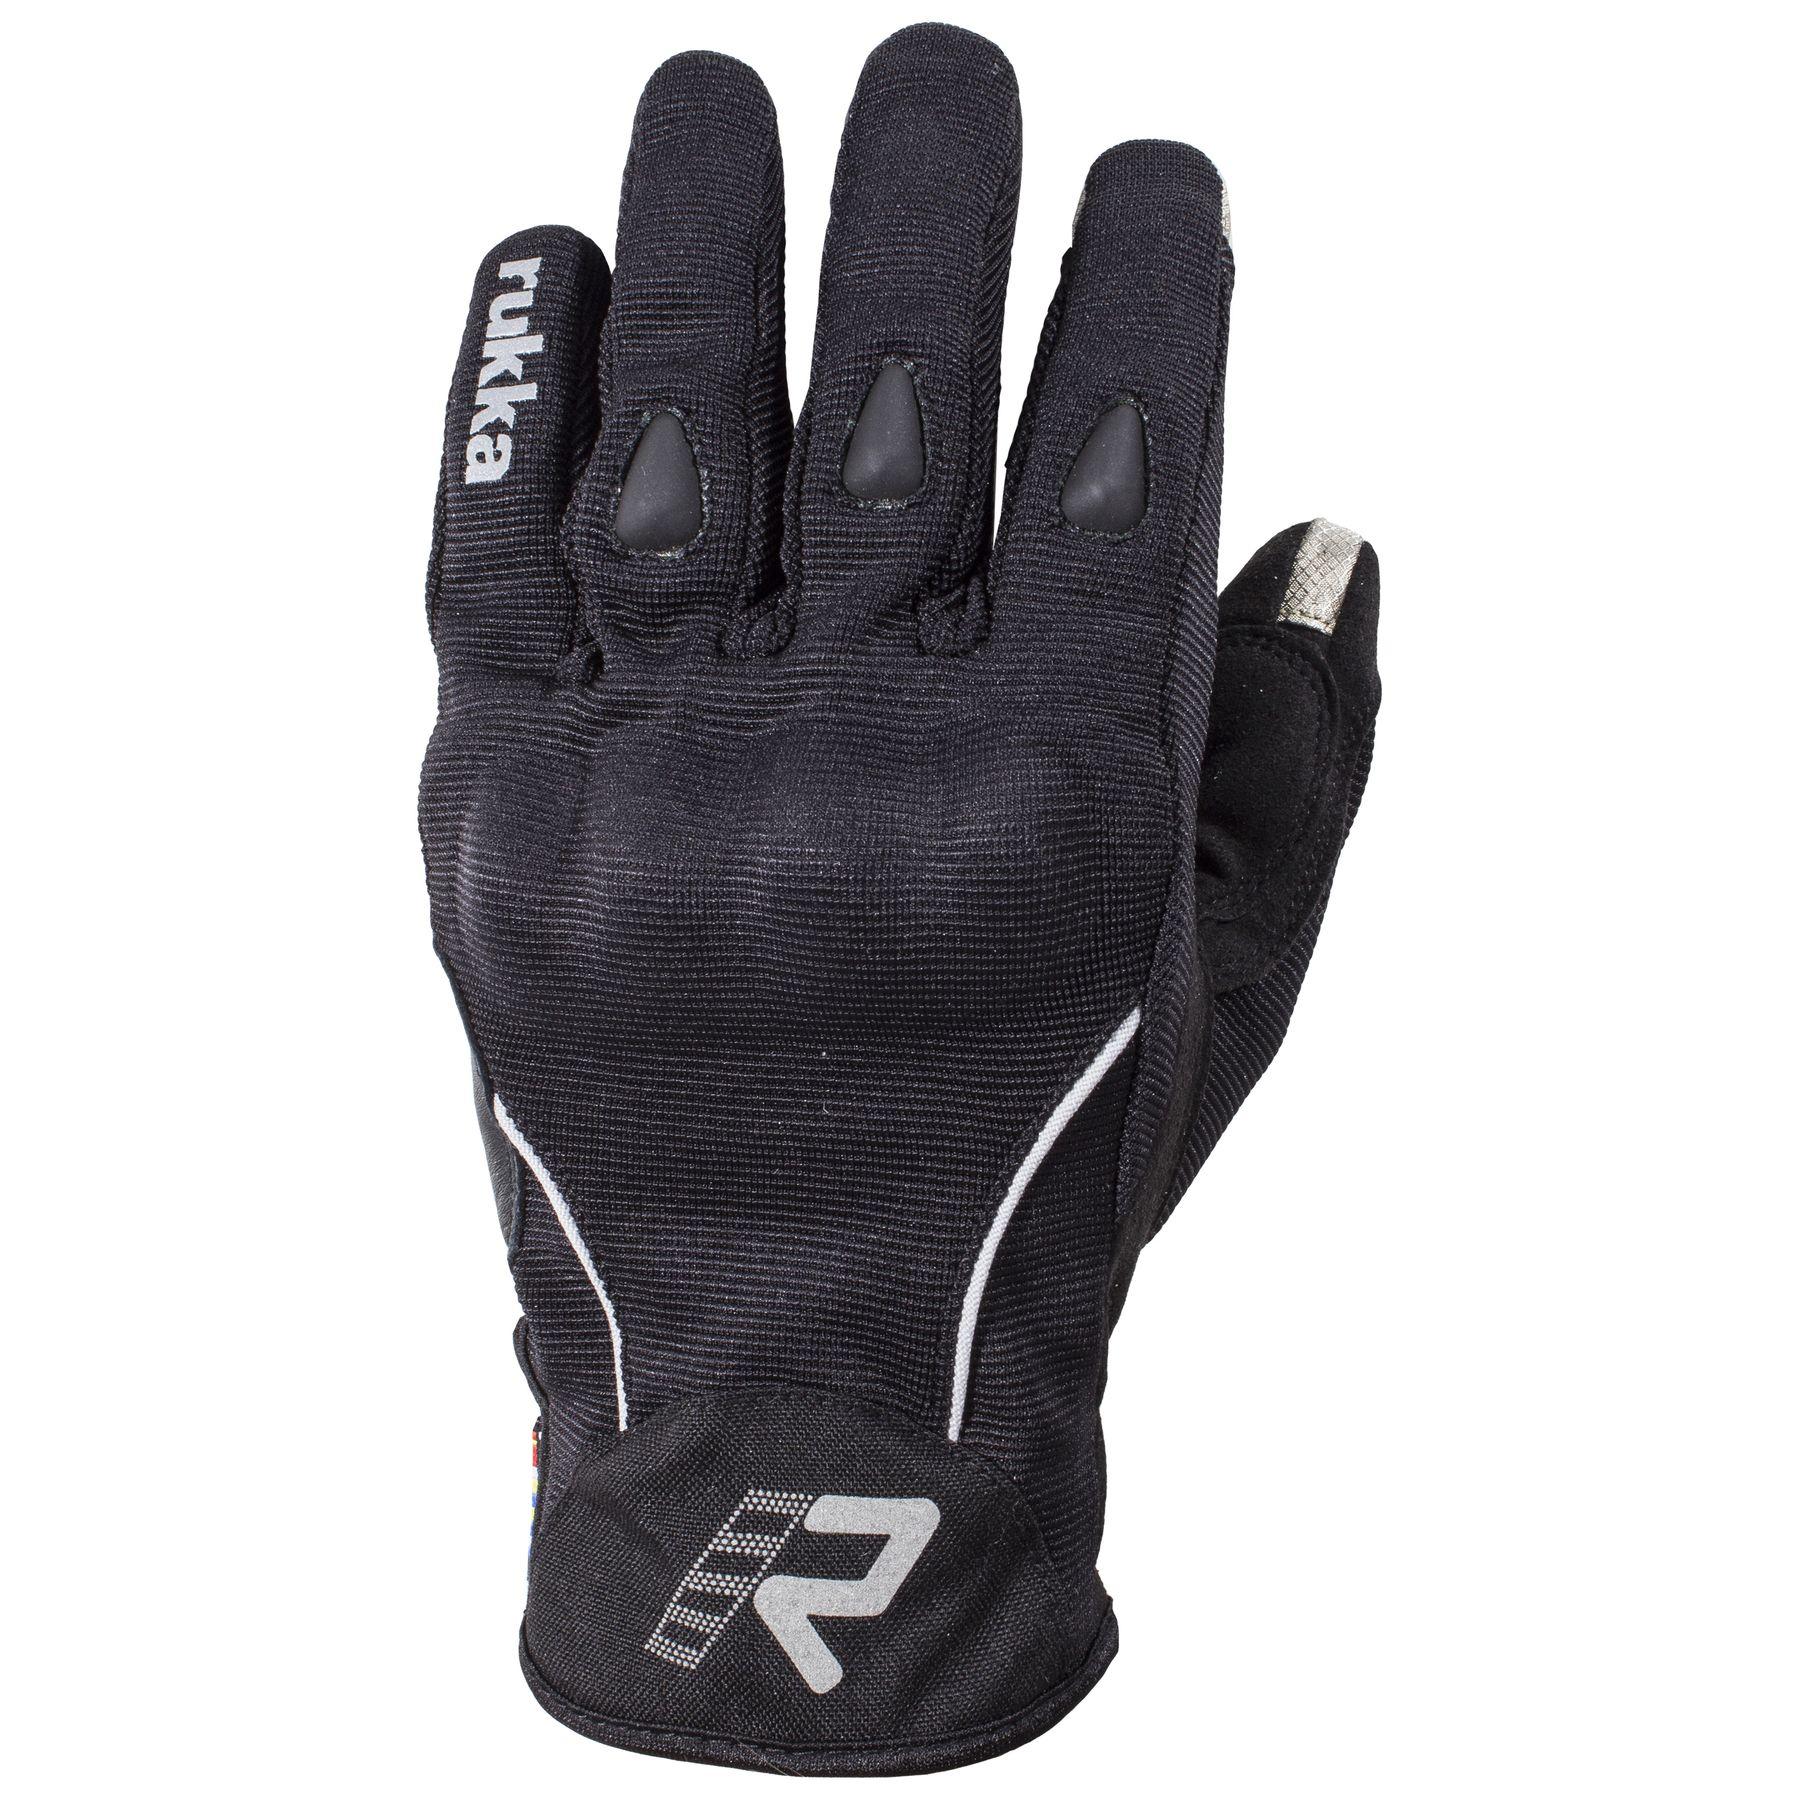 Gloves Rukka aiRium Gloves